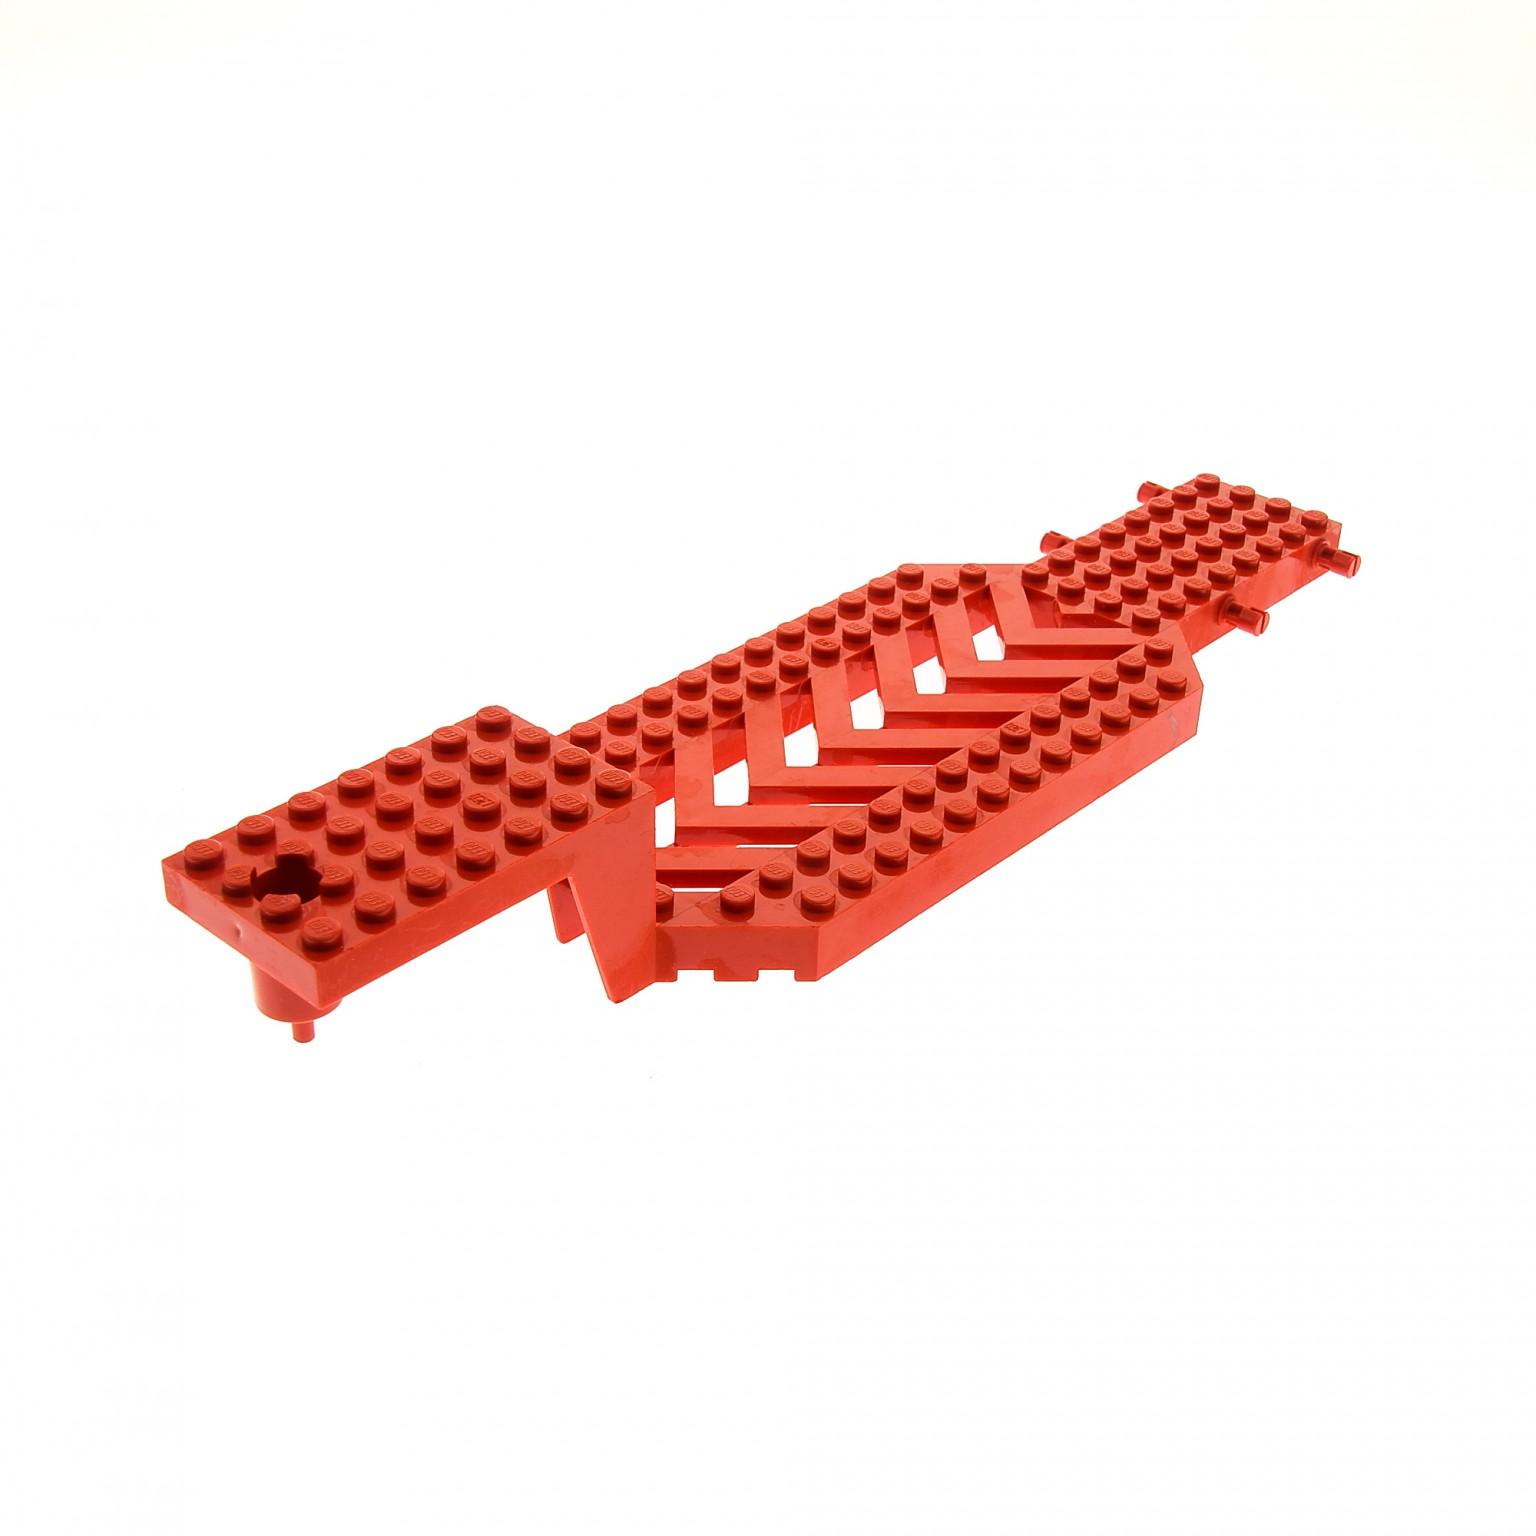 1 x Lego System LKW Auflieger rot 8x30x3 1/3 Chassis Unterbau Fahrgestell  Trailer Anhänger Tieflader